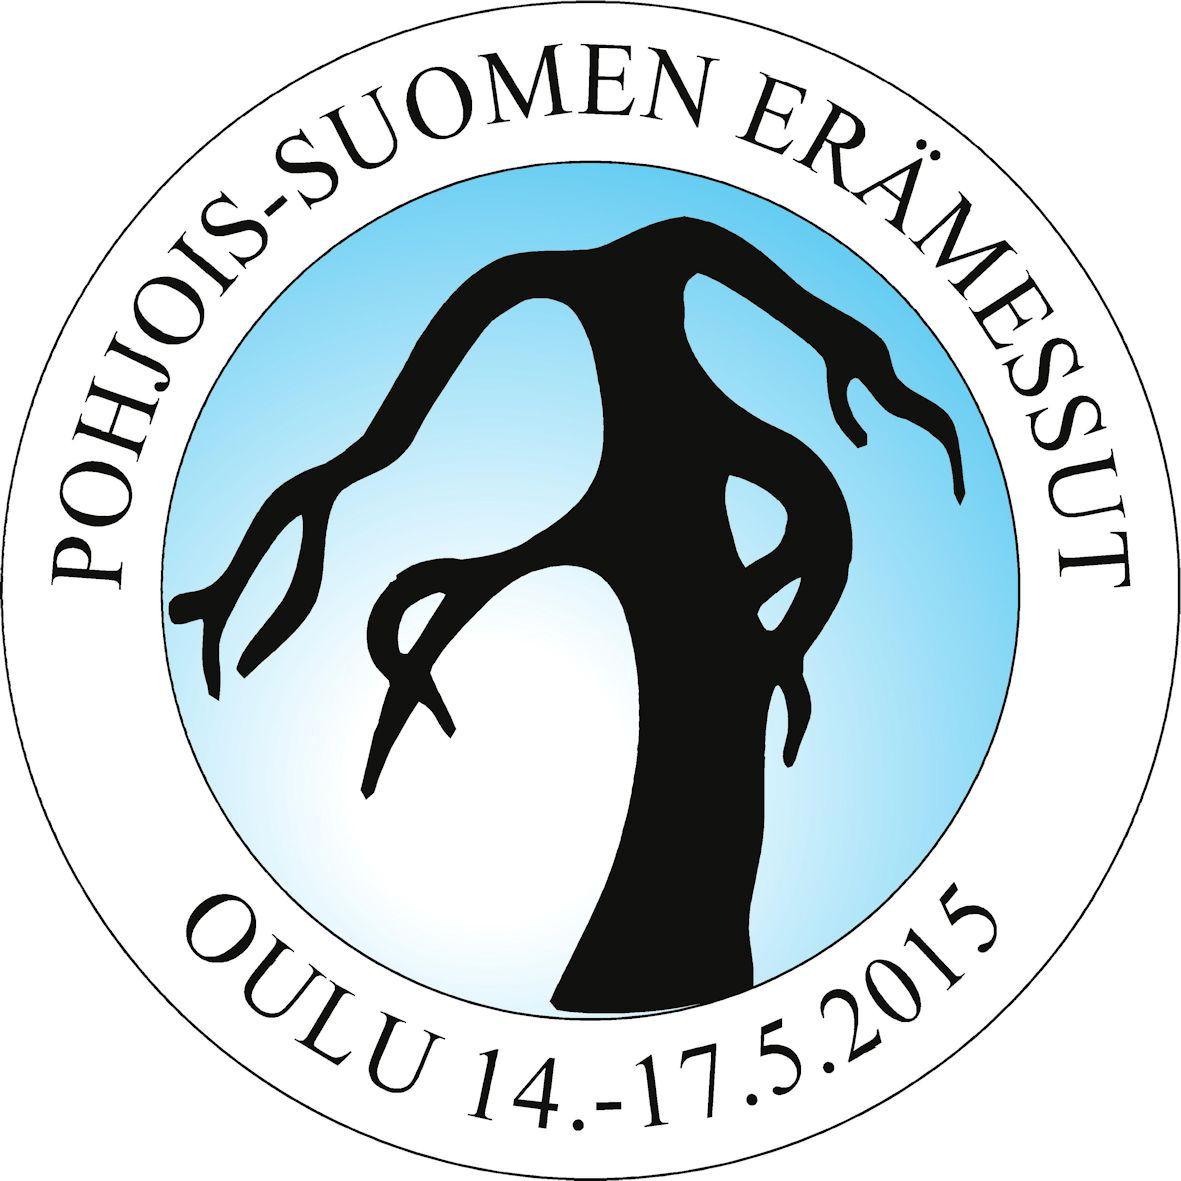 Pohjois Suomen Syöpäyhdistys